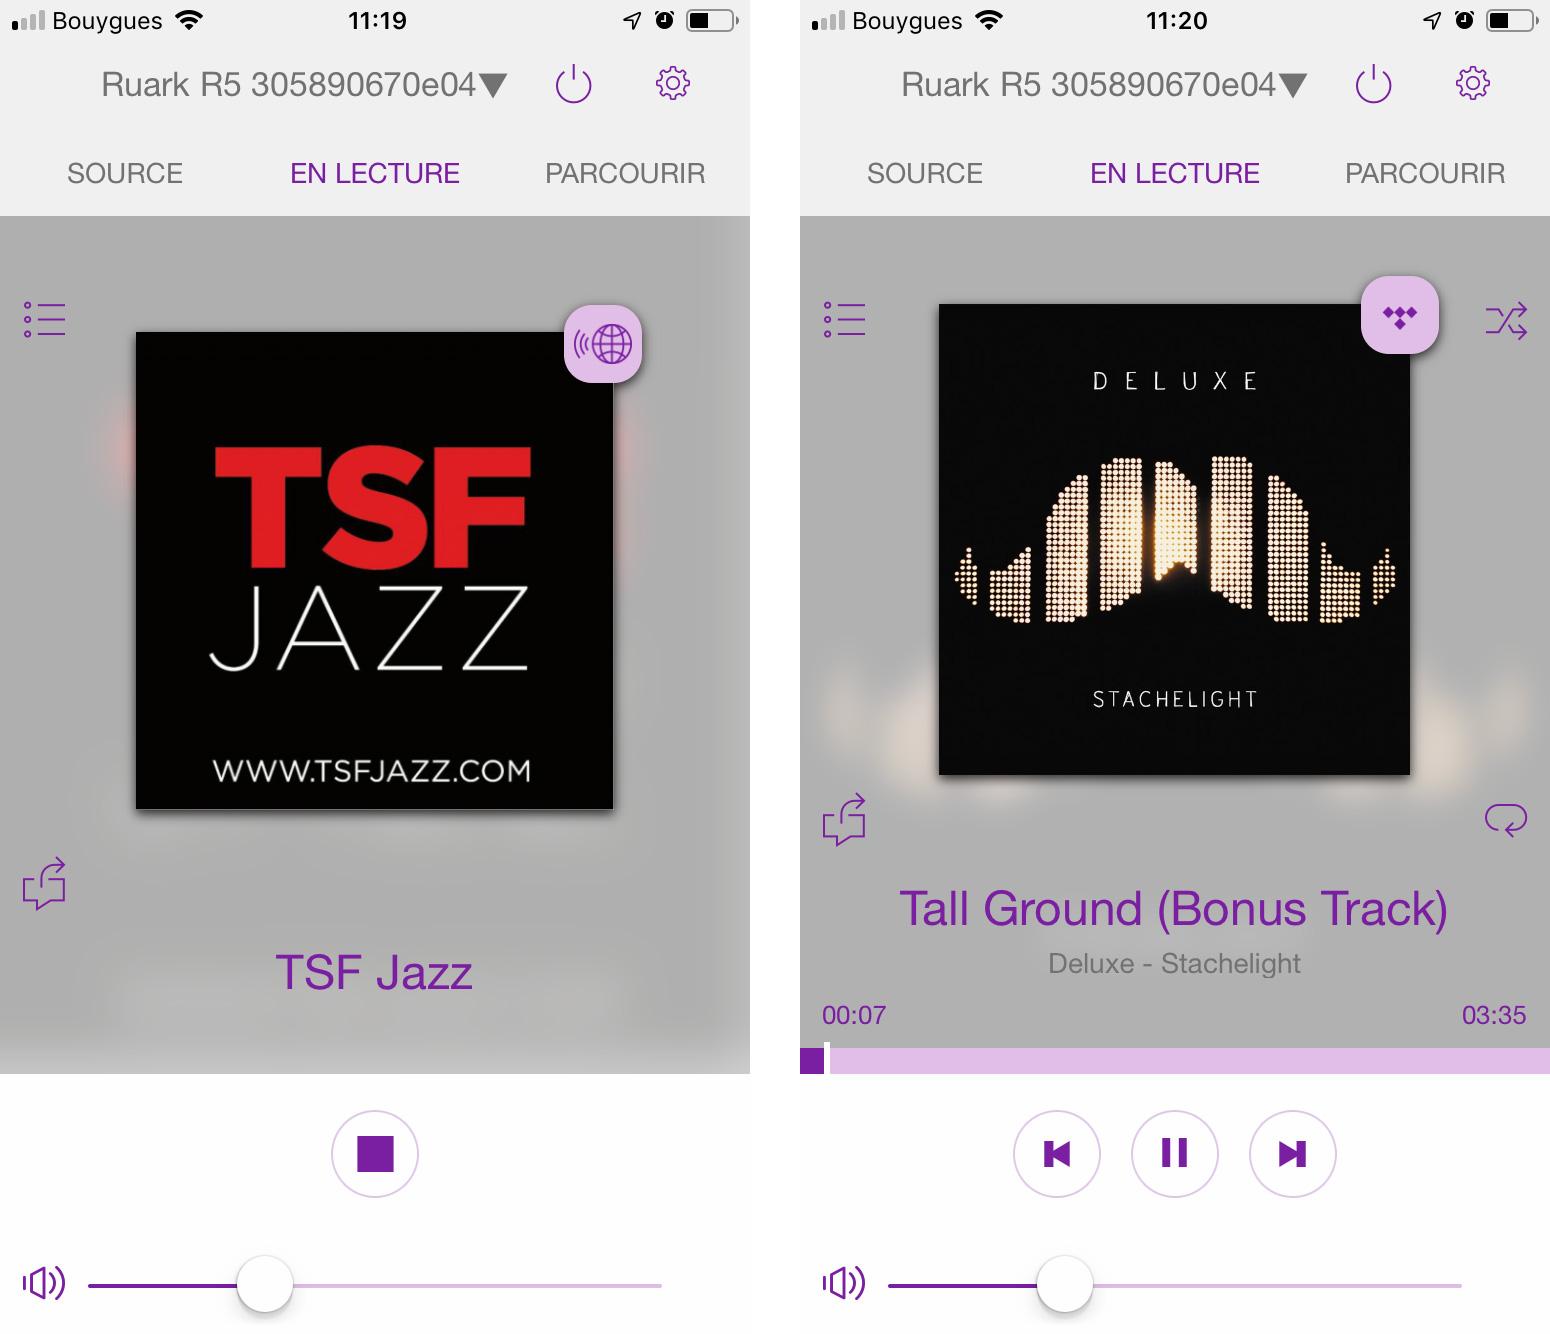 Le logo de la radio accompagne l'écoute (à gauche). Lors des écoutes en streaming, j'ai toutes les informations de lecture et la jaquette de l'album (à droite).